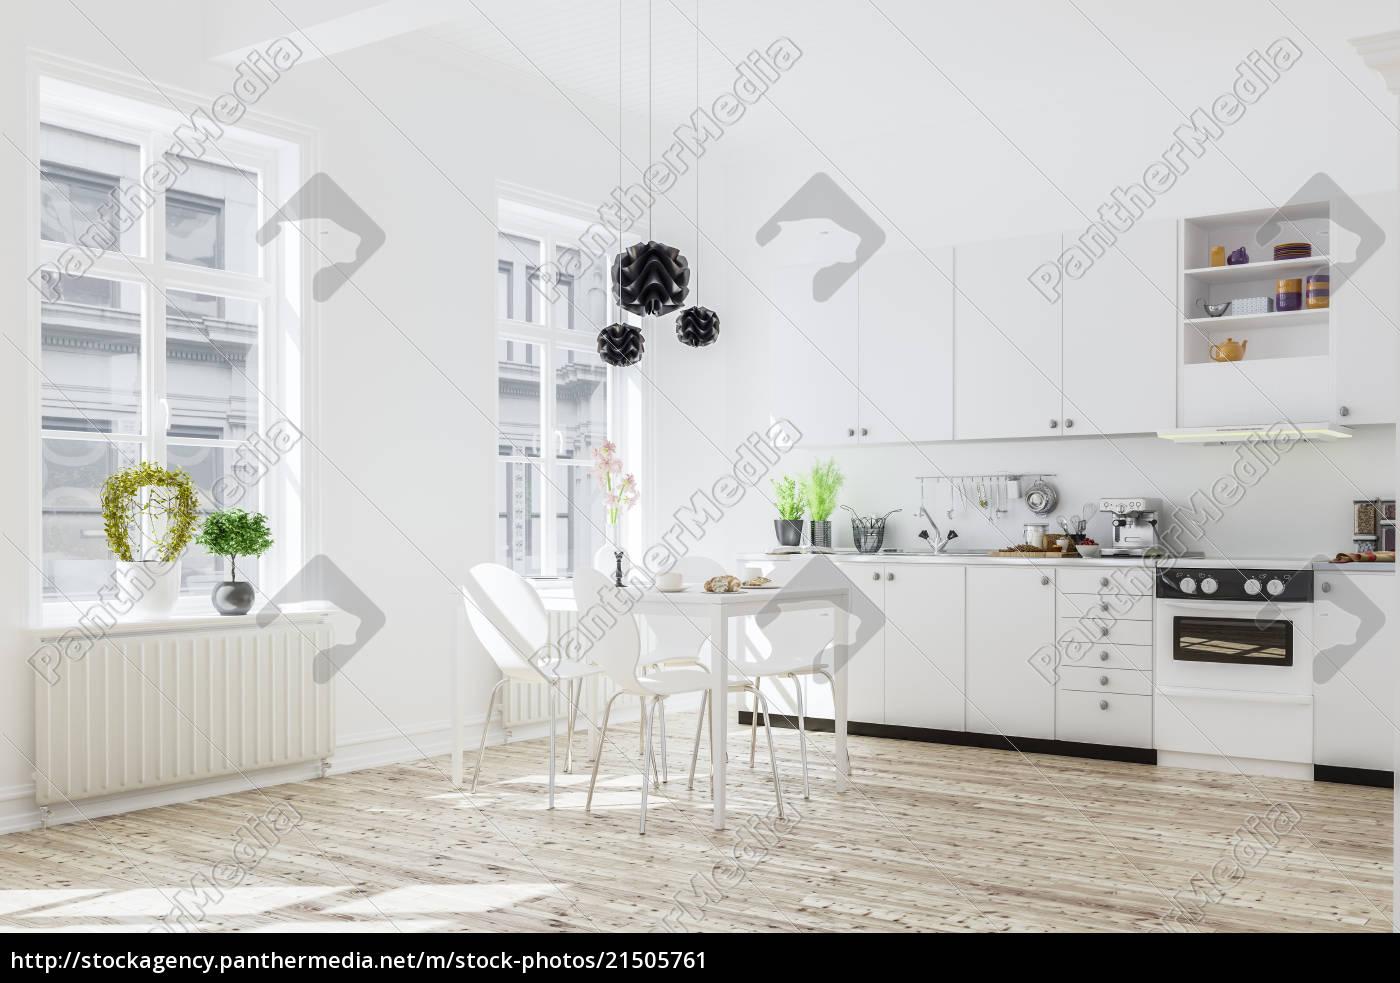 Stockfoto 21505761 - 3d rendering der küche interieur in modernen haus mit